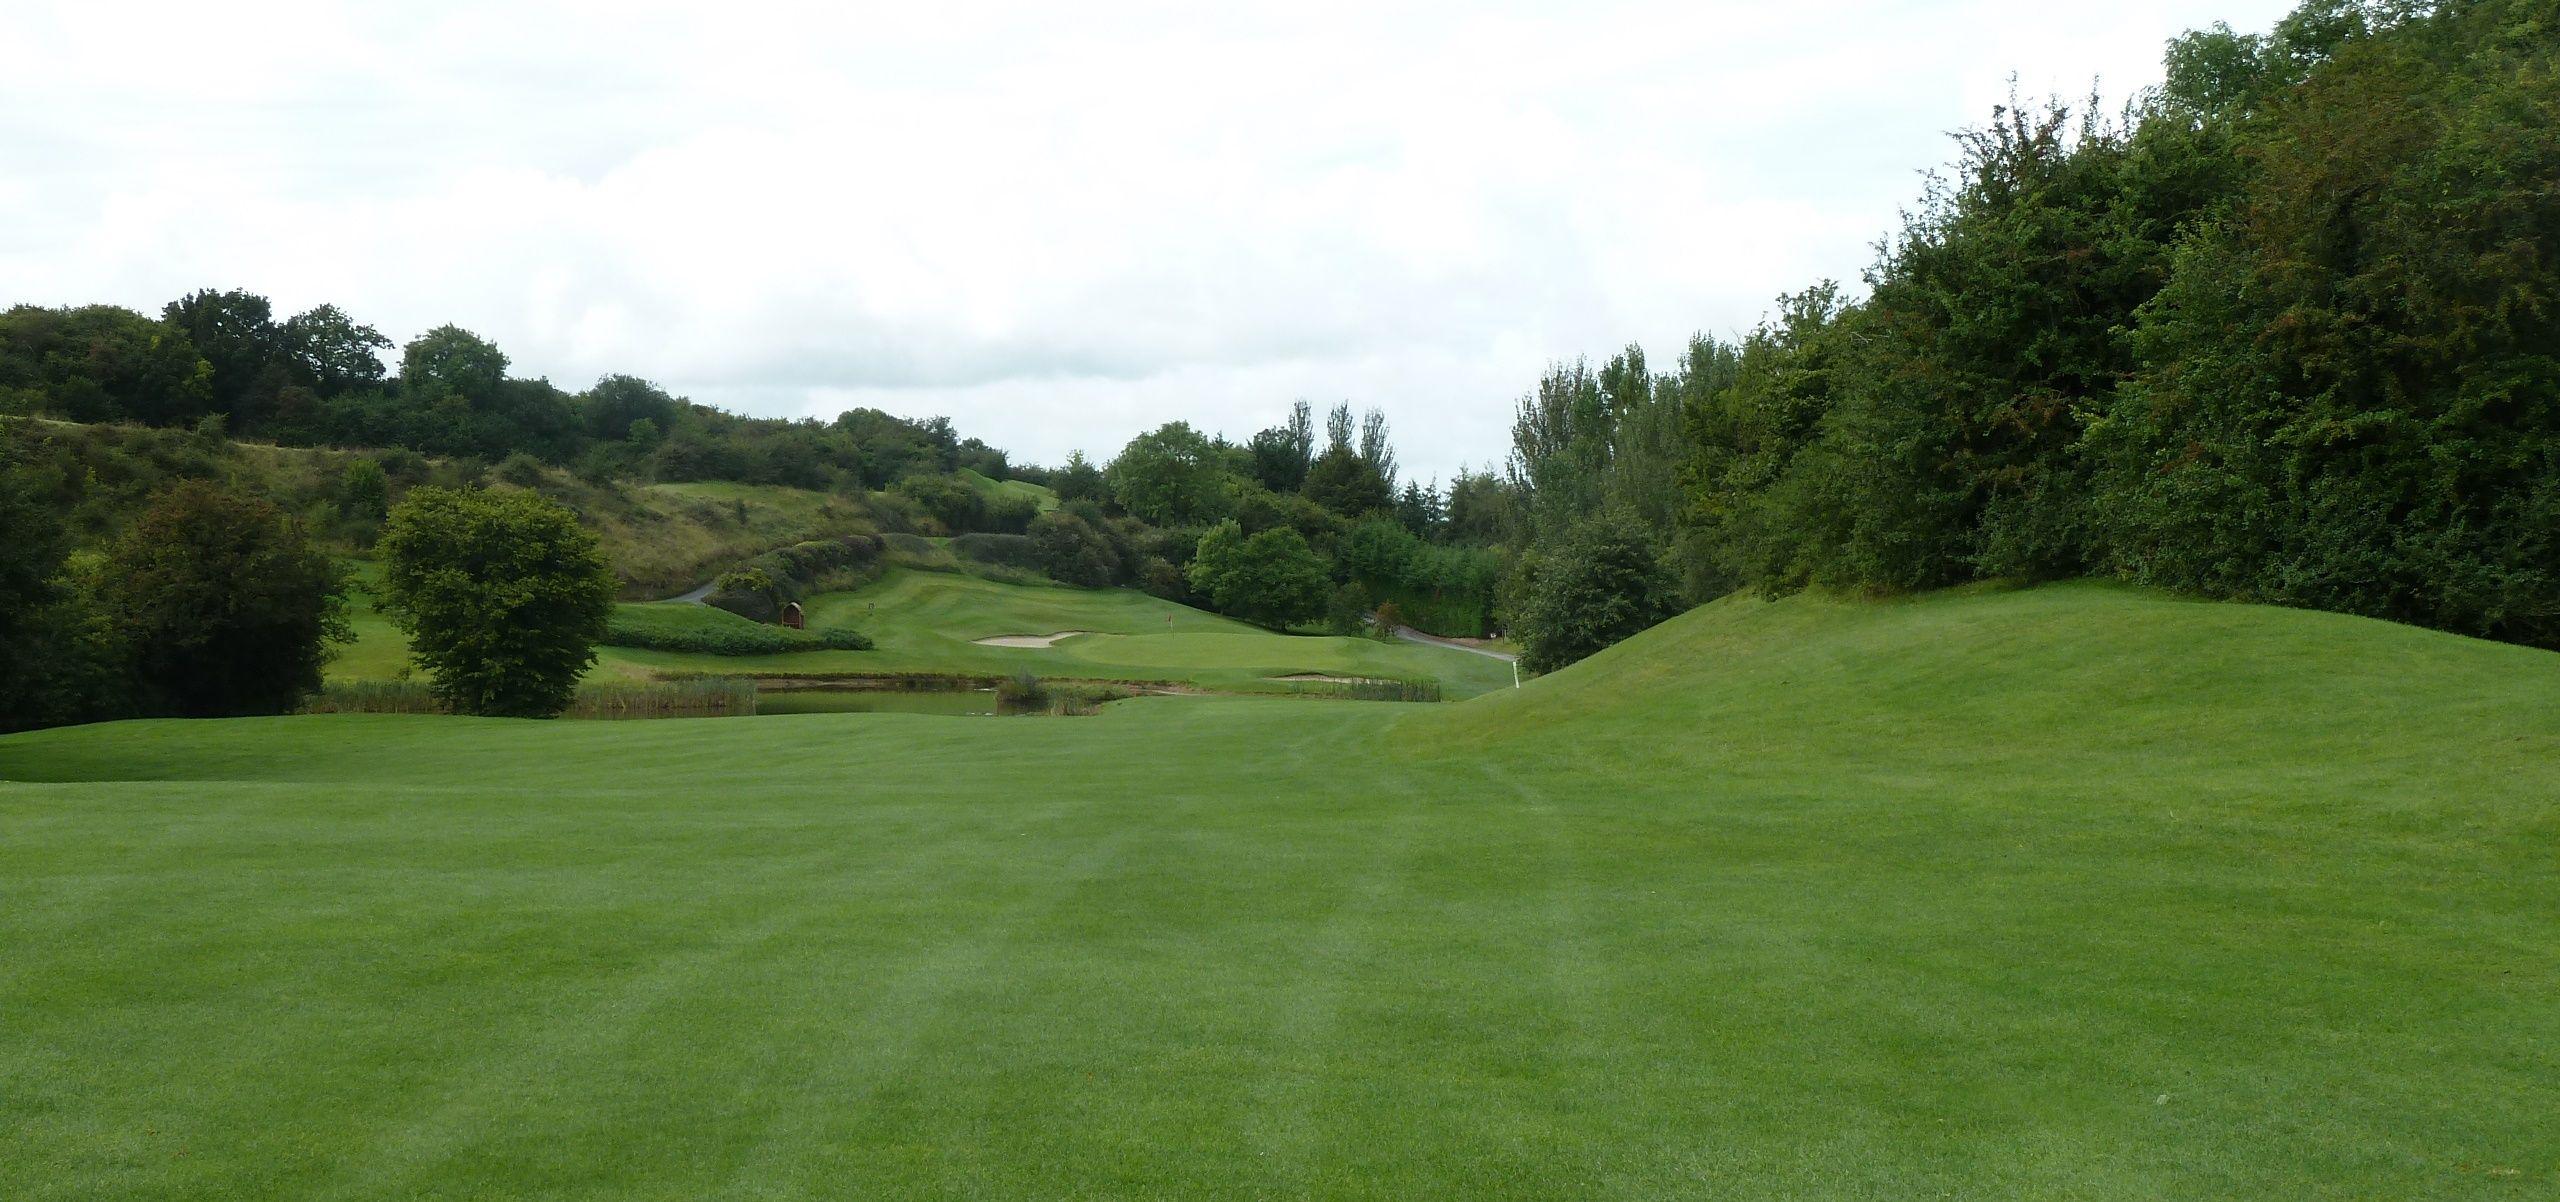 Esker hills ireland golf courses golf field